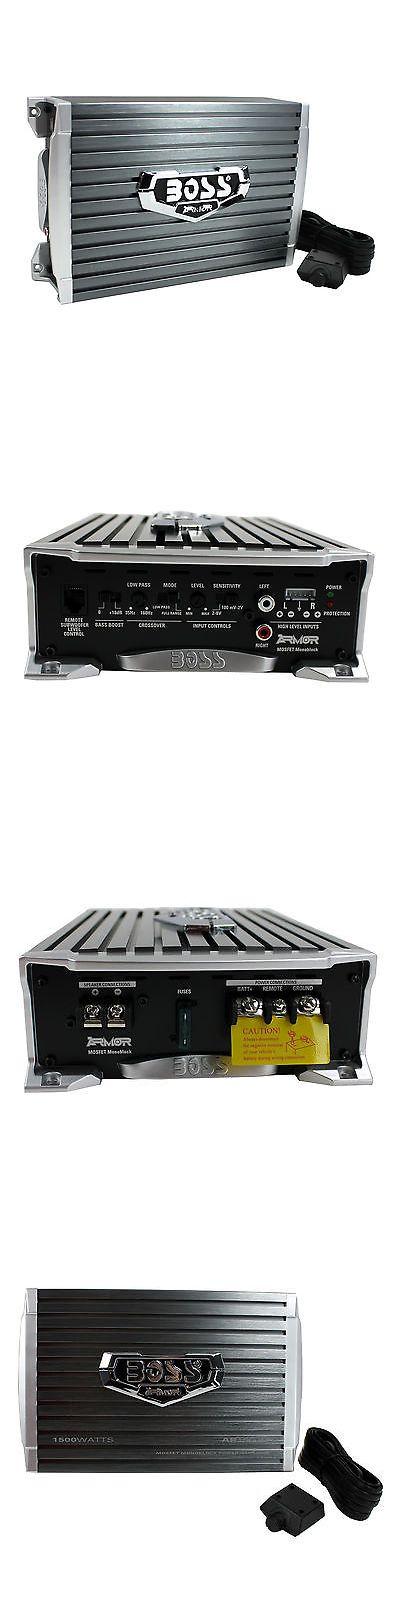 Car Amplifiers: Boss Audio 1500 Watt Mono A B Mosfet Power Car Amplifier + Remote | Ar1500m -> BUY IT NOW ONLY: $54.9 on eBay!